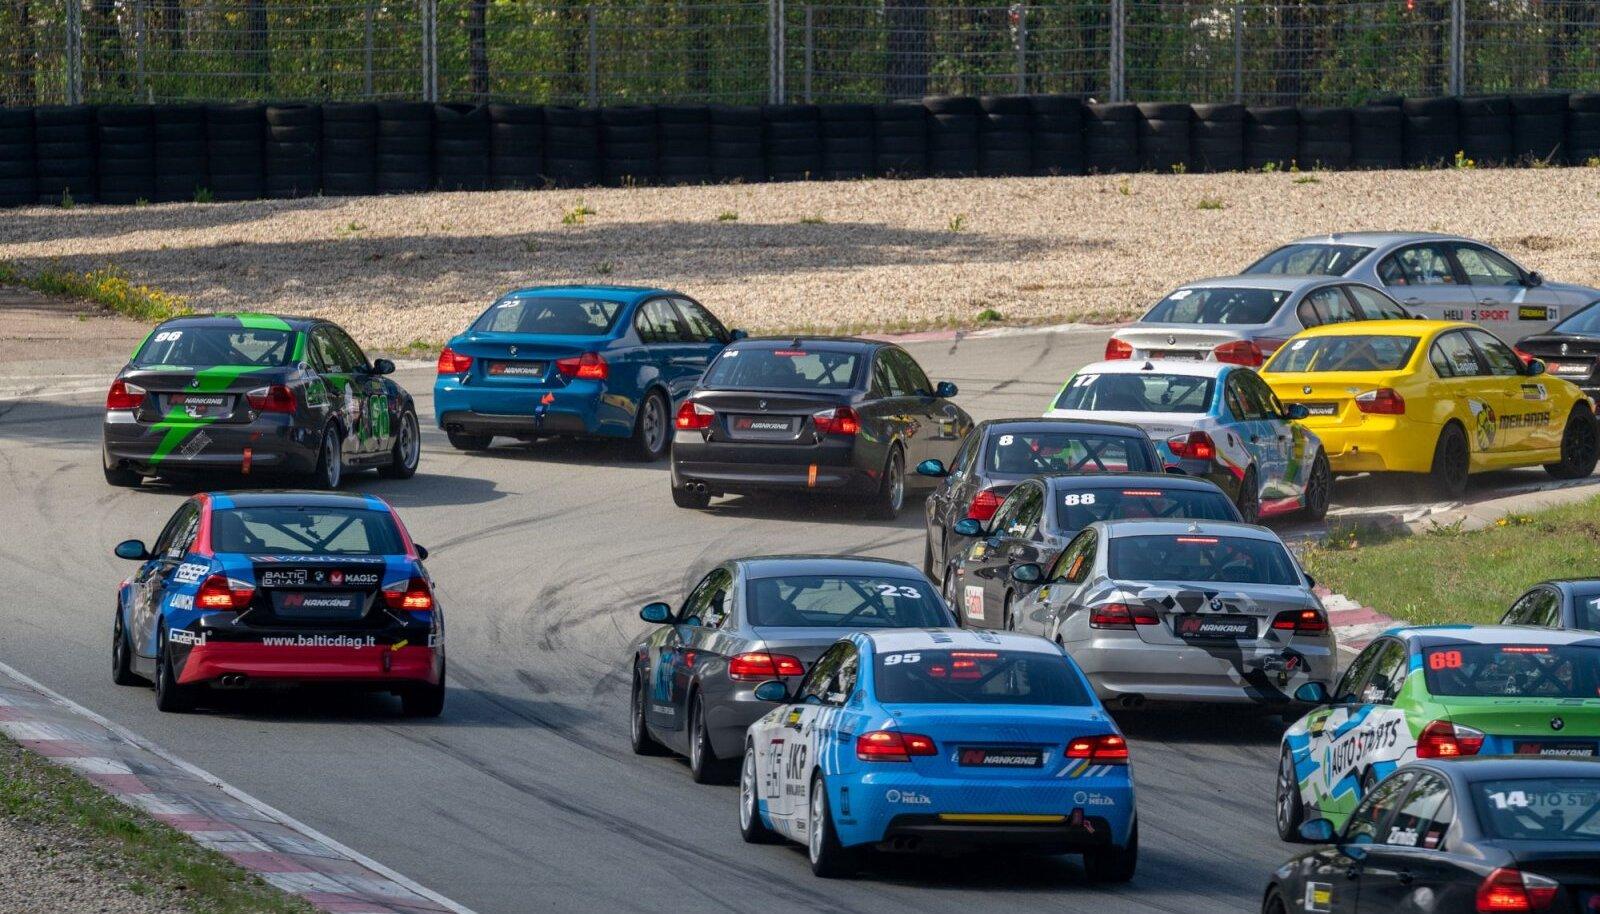 Ringrajasõidu Eesti meistrivõistluste avaetapil startis 33 autot